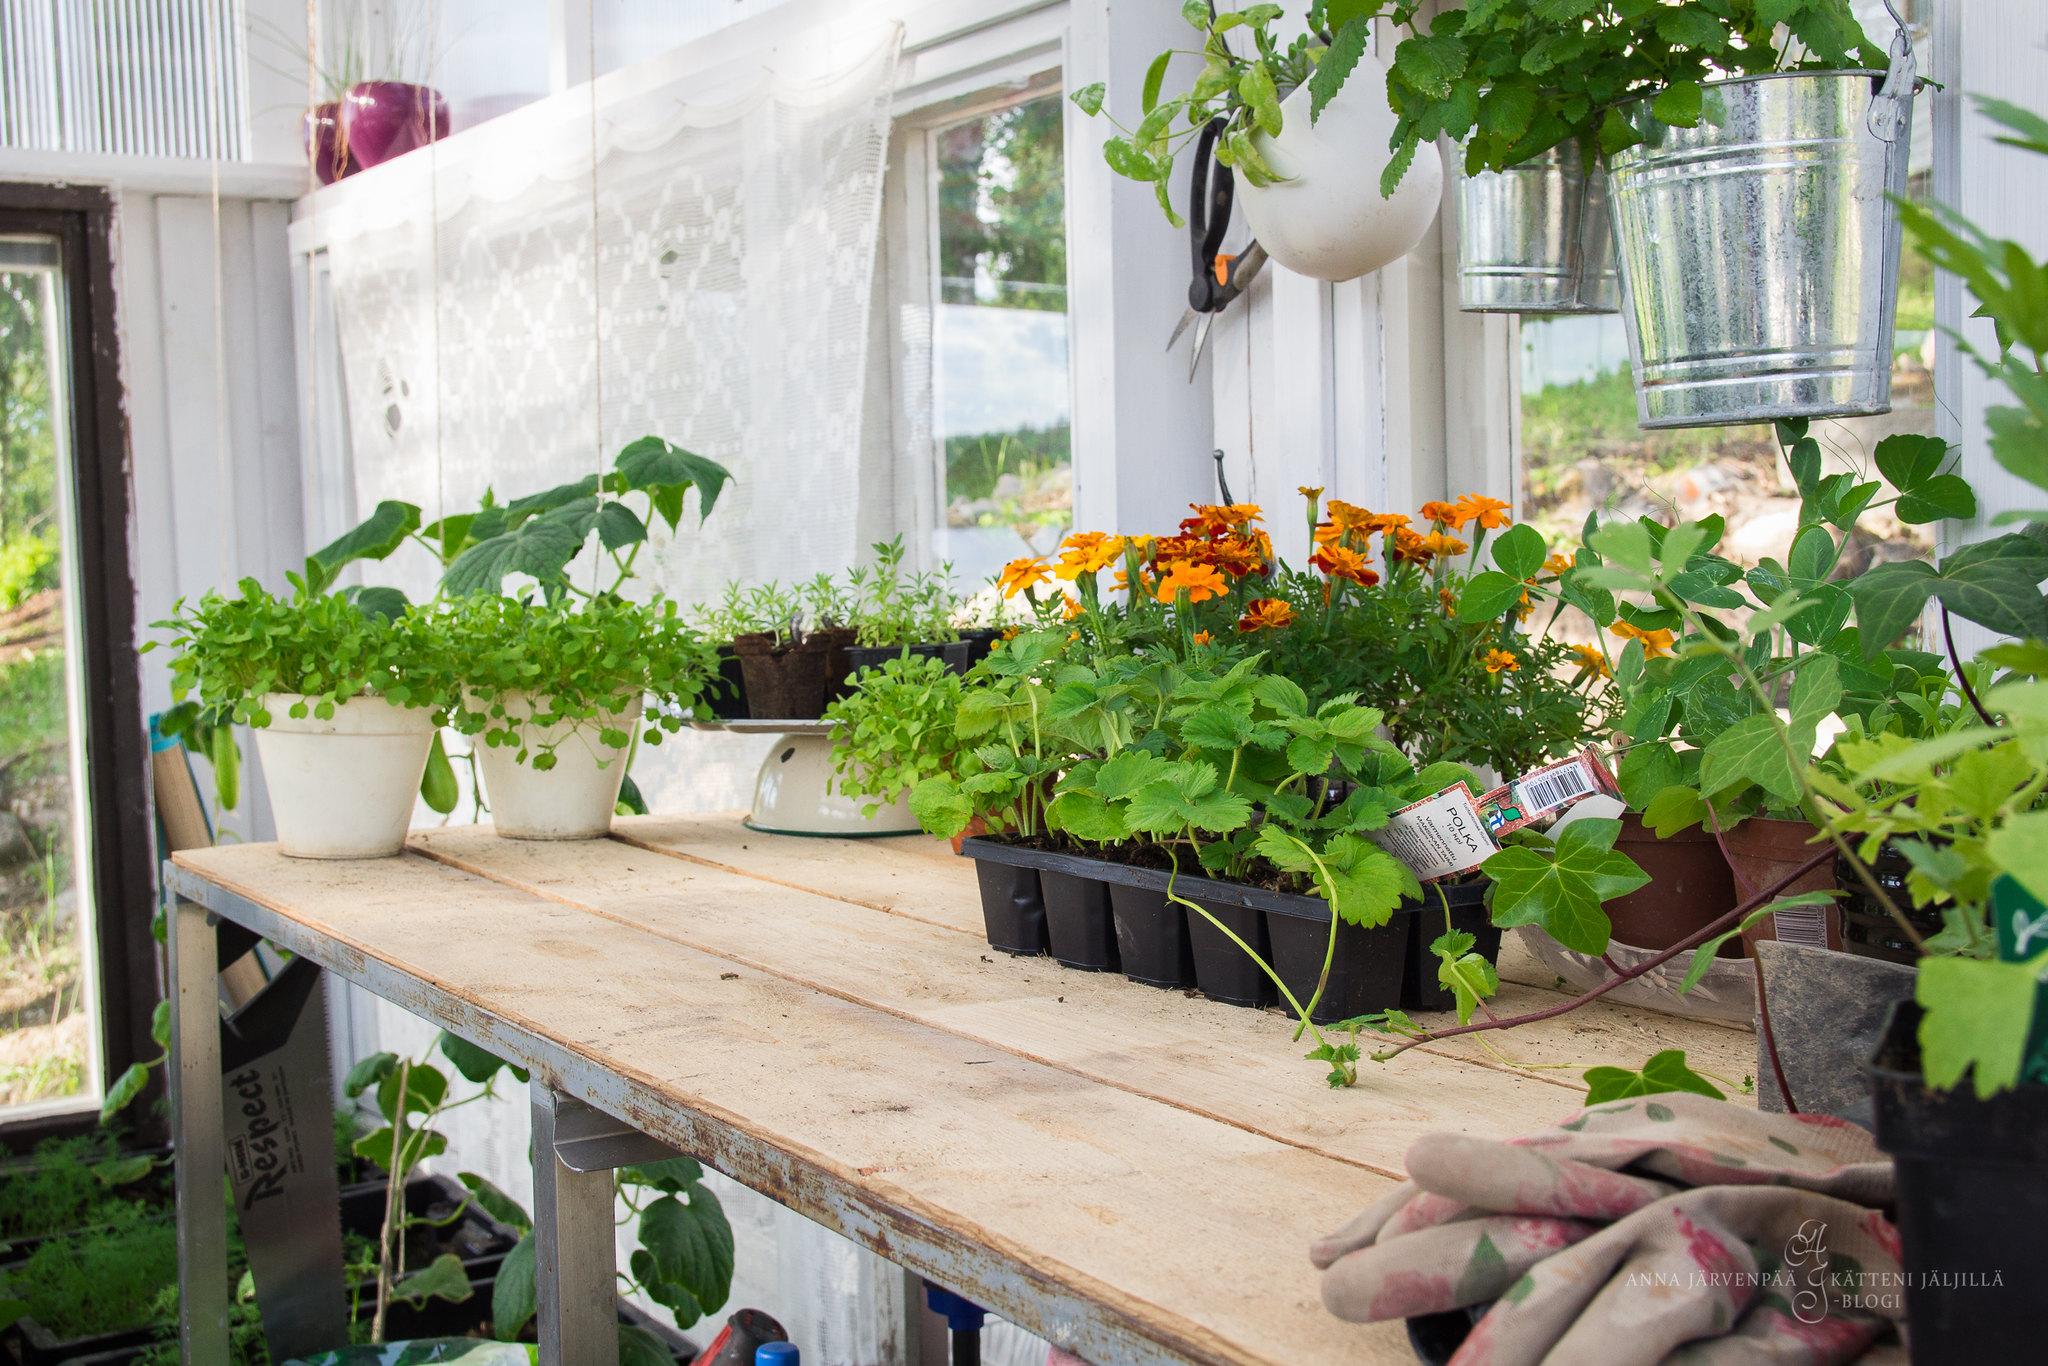 Kasvihuoneessa / In my greenhouse